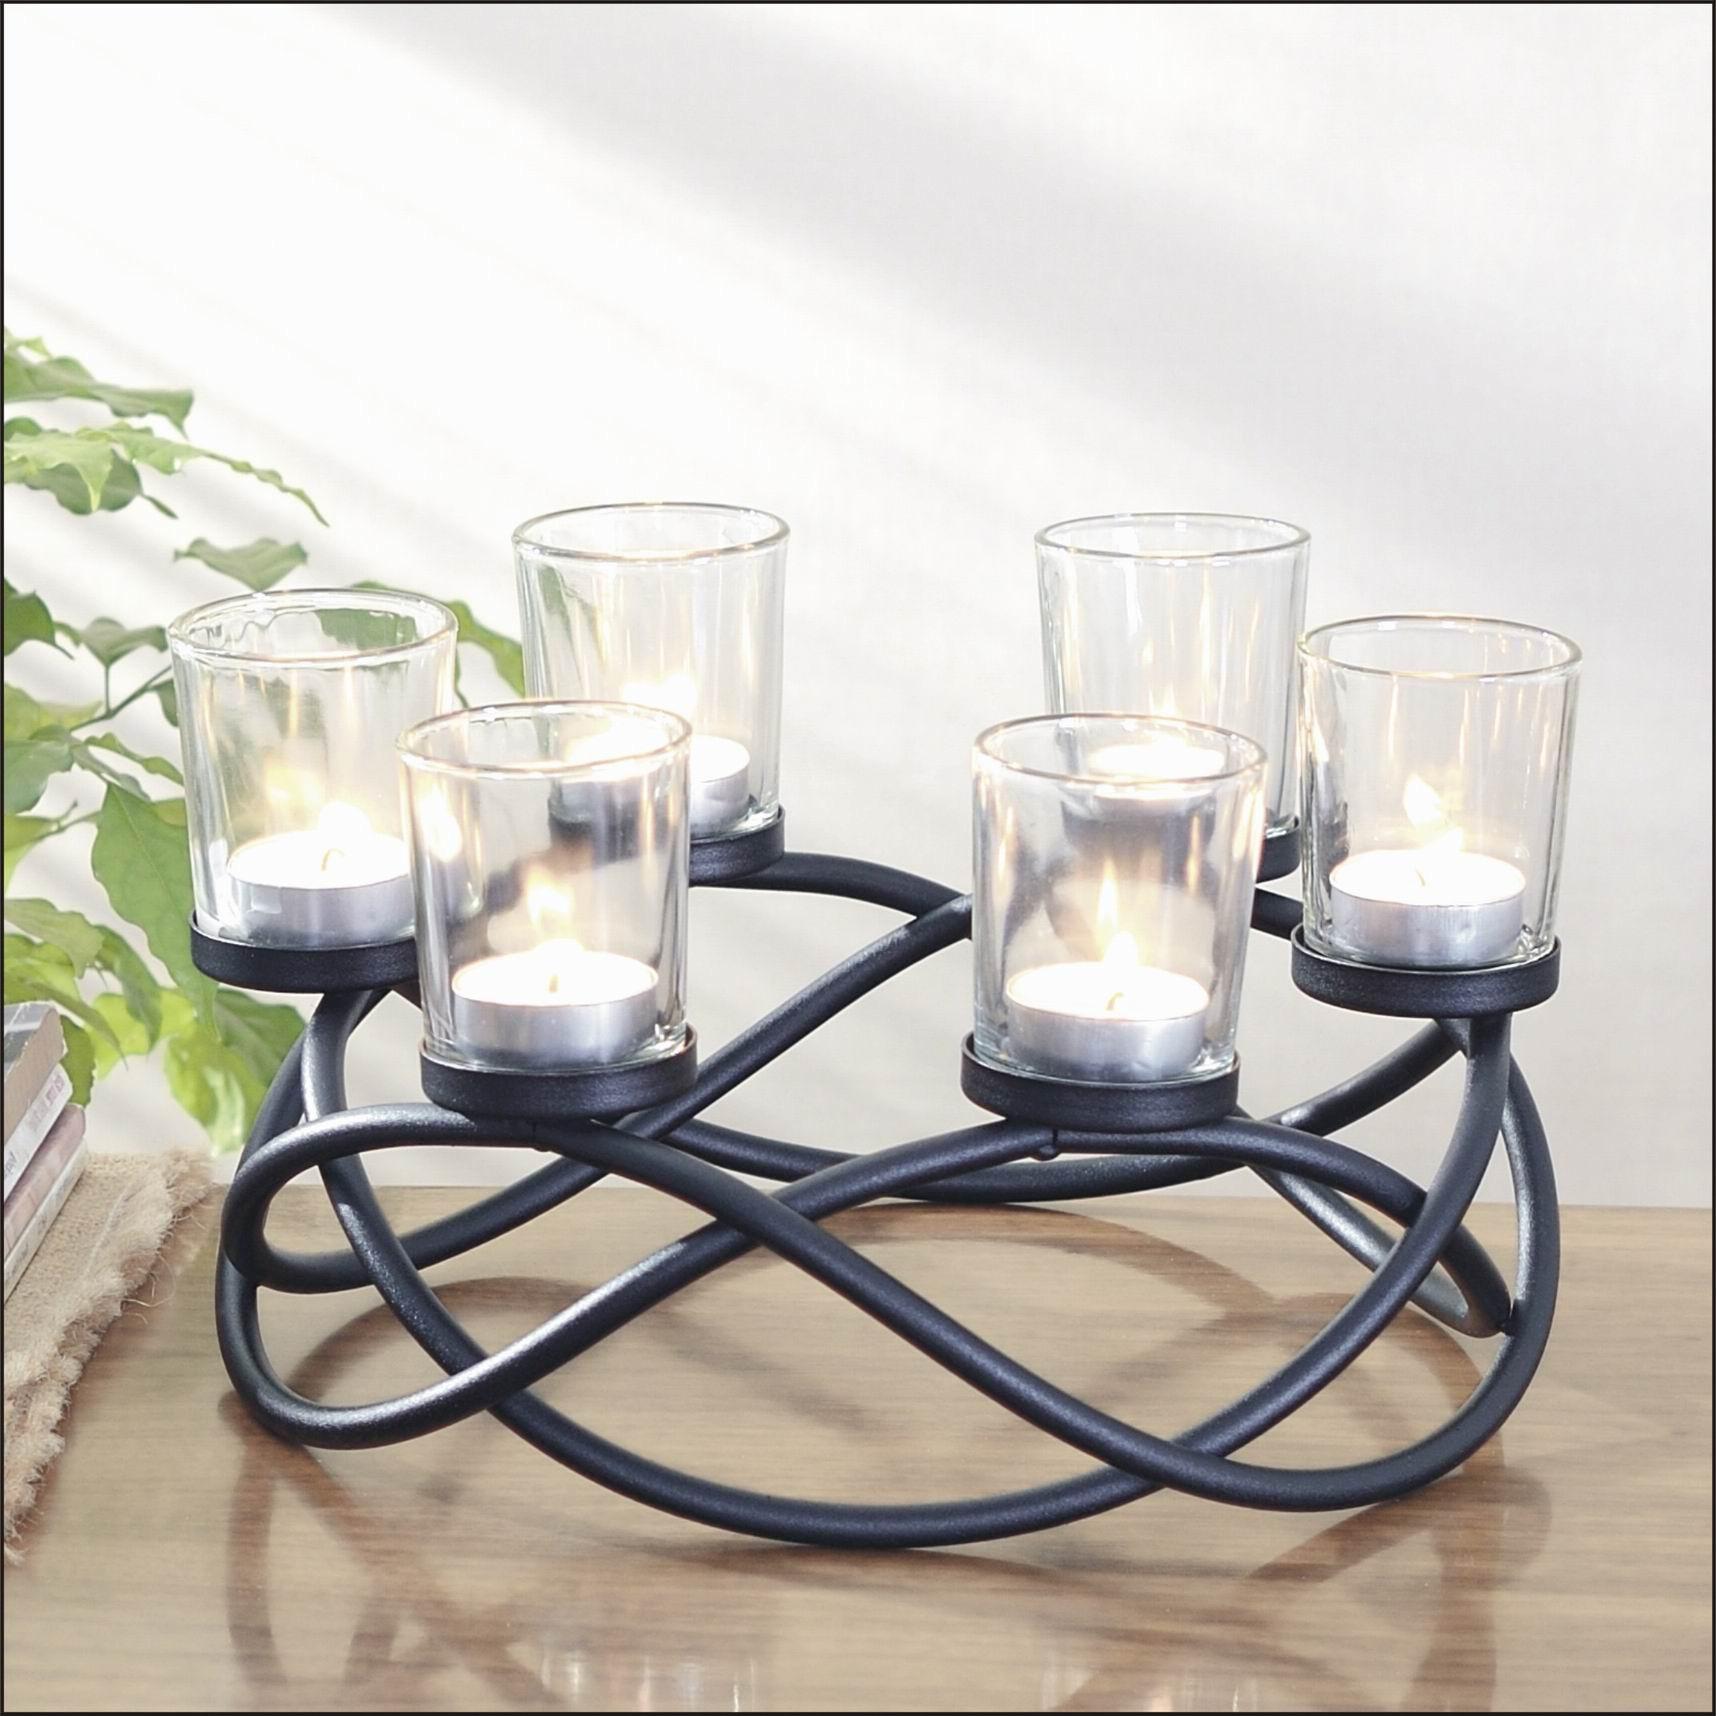 Kerzenhalter Aus Metall Und Glas F R 6 Teelichter Wohnen